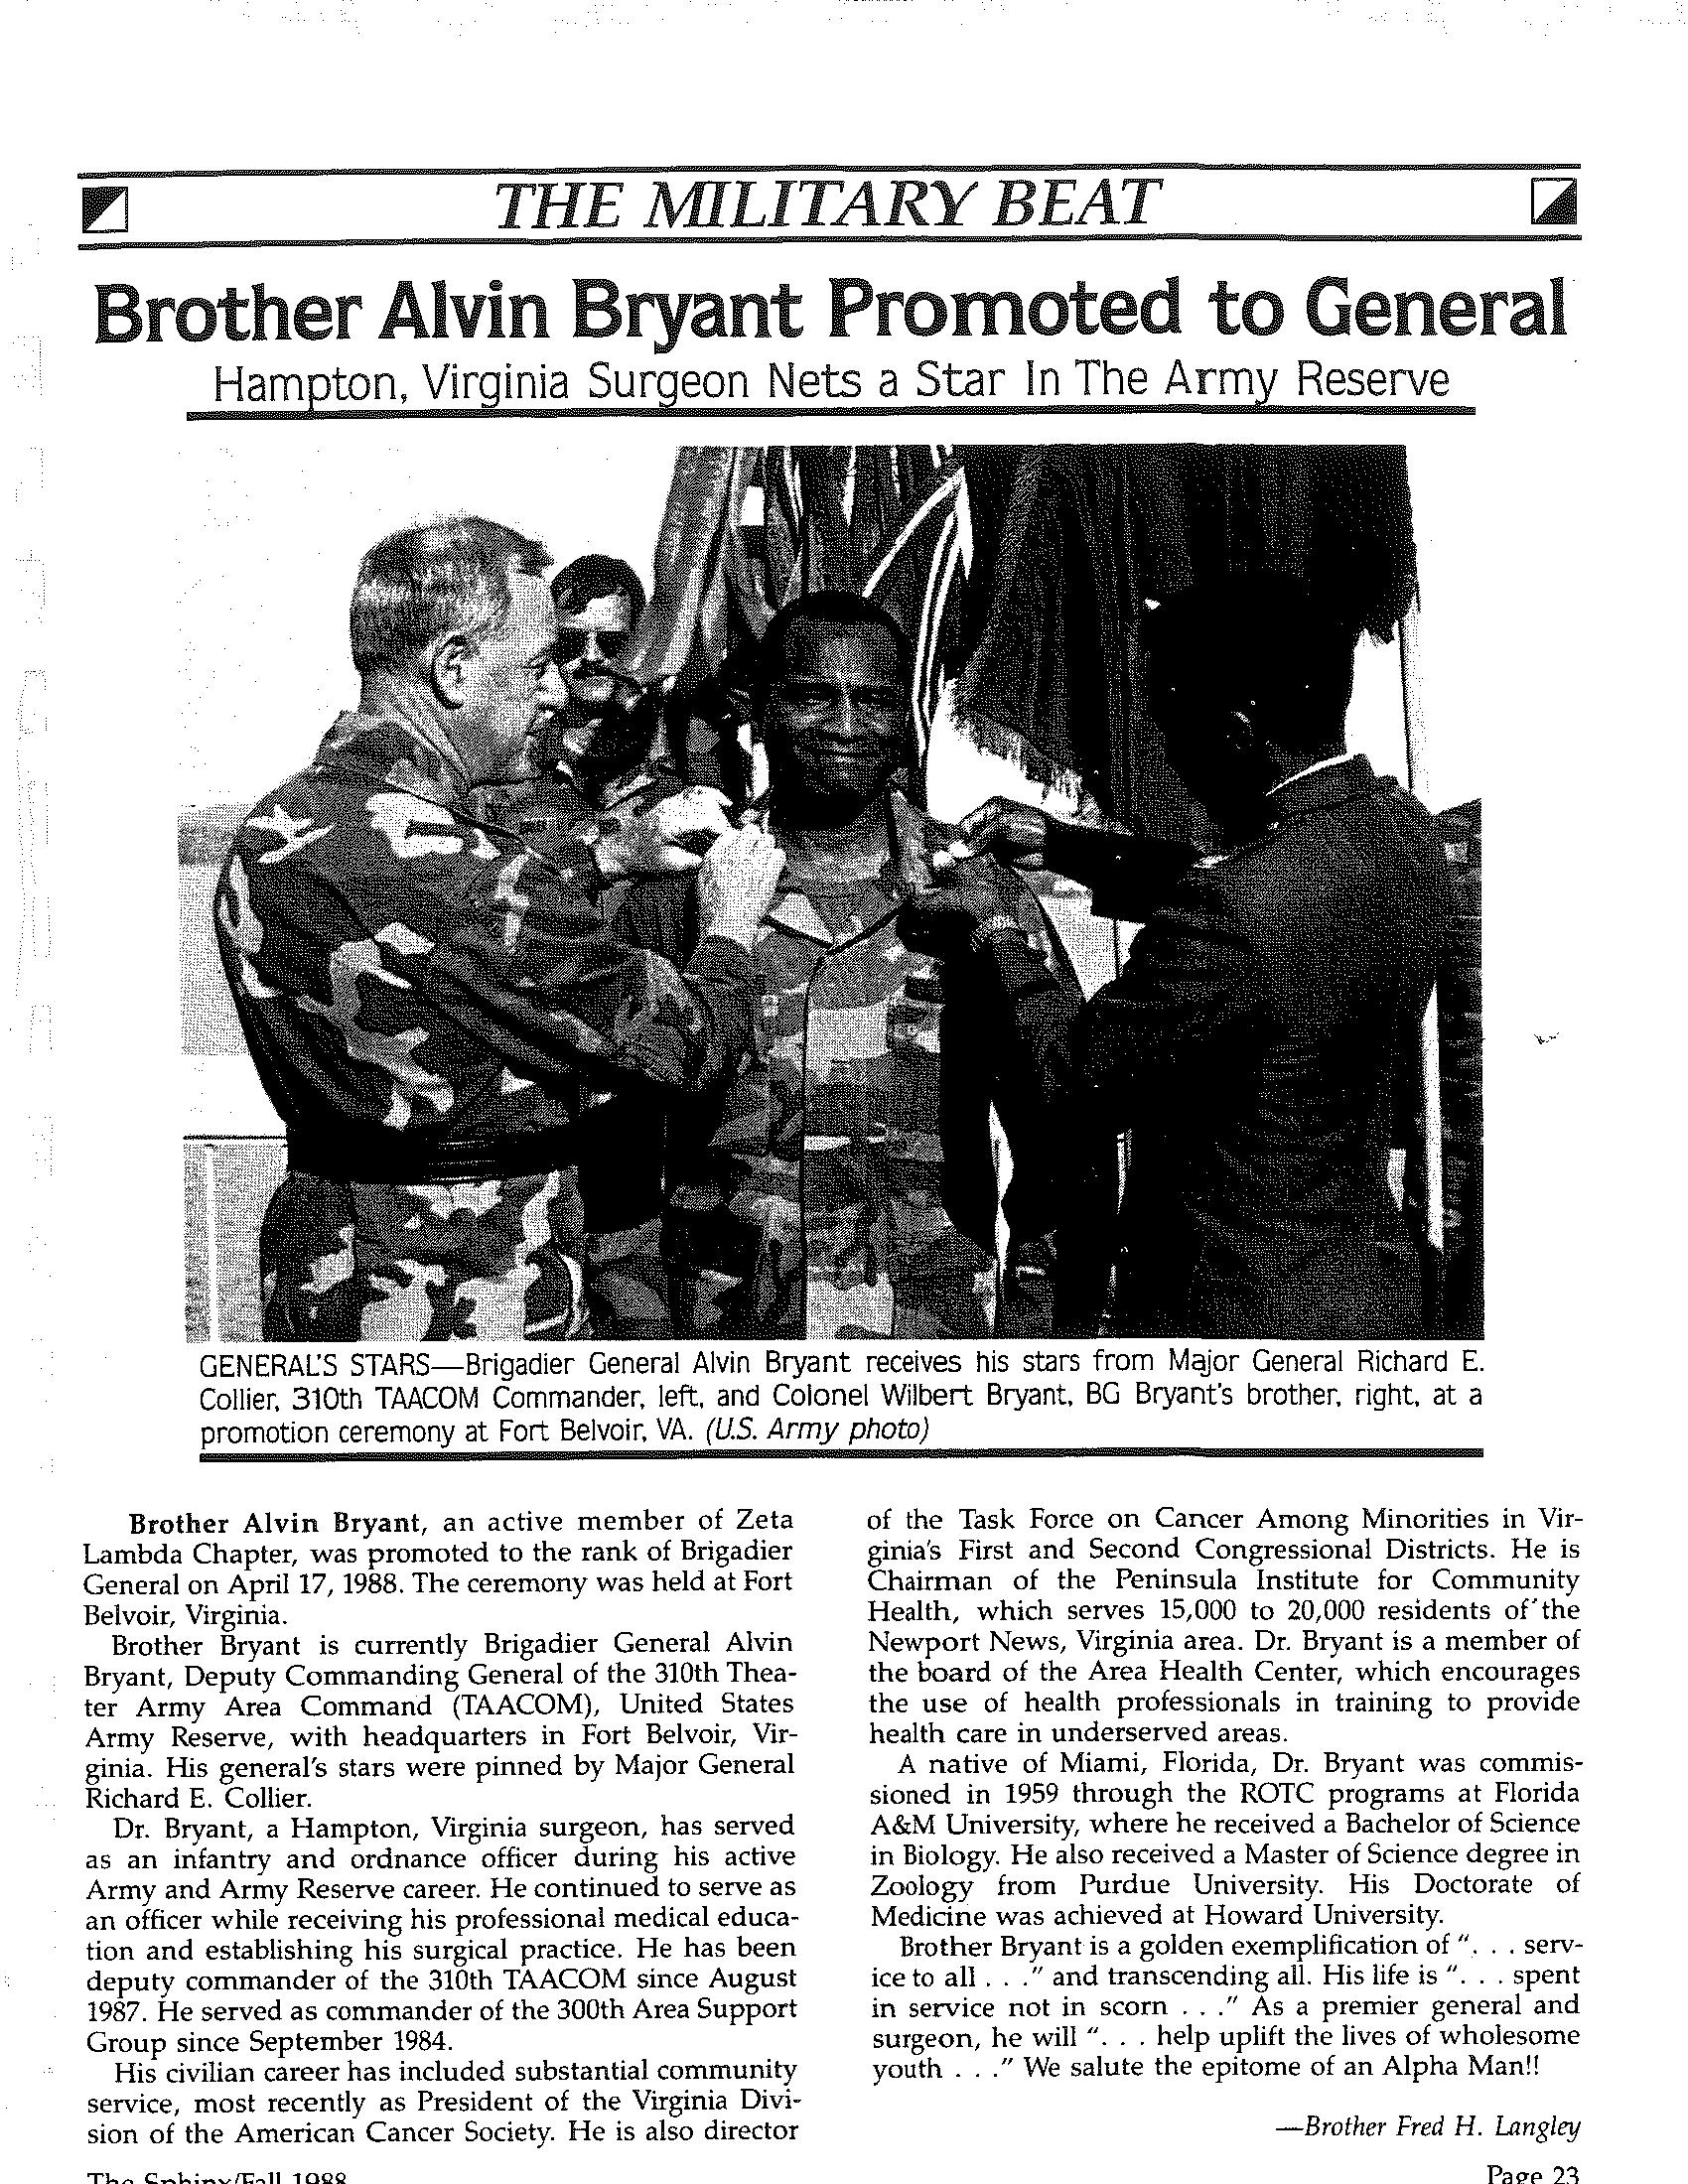 Zeta Lambda 1988 - Bro. Alvin Bryant, Brigadier General.png